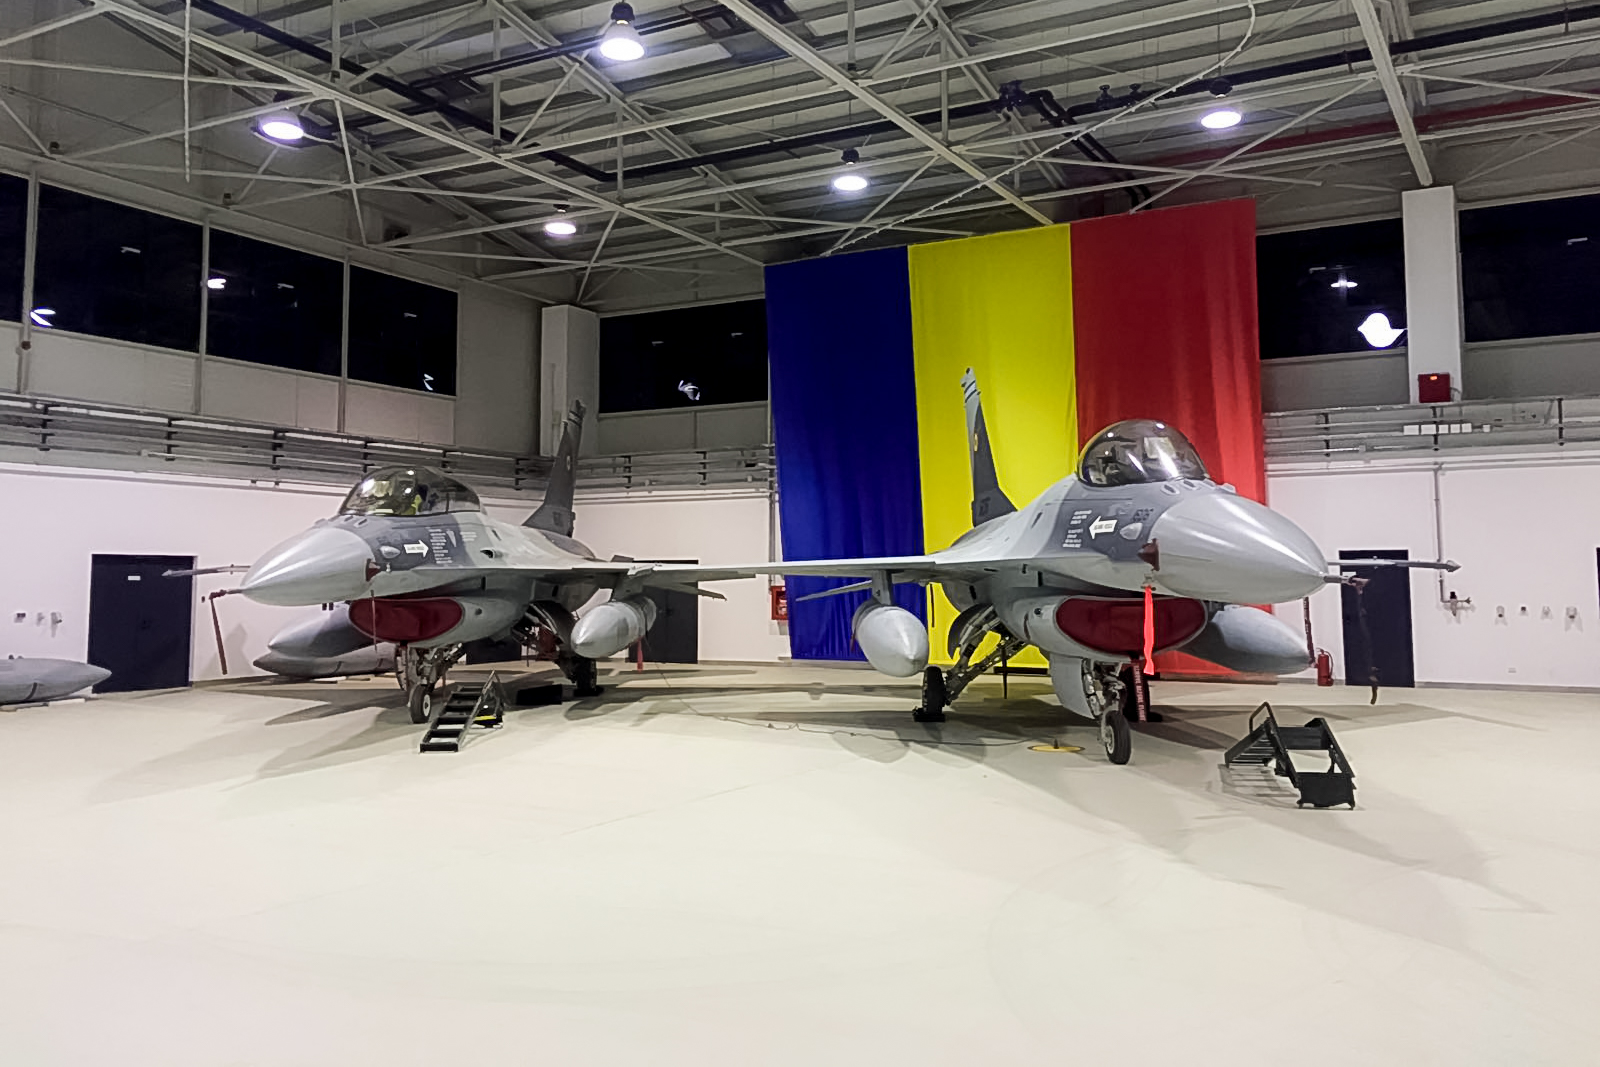 România a cerut sprijin de la SUA pentru a cumpăra 36 de avioane F-16 Fighting Falcon